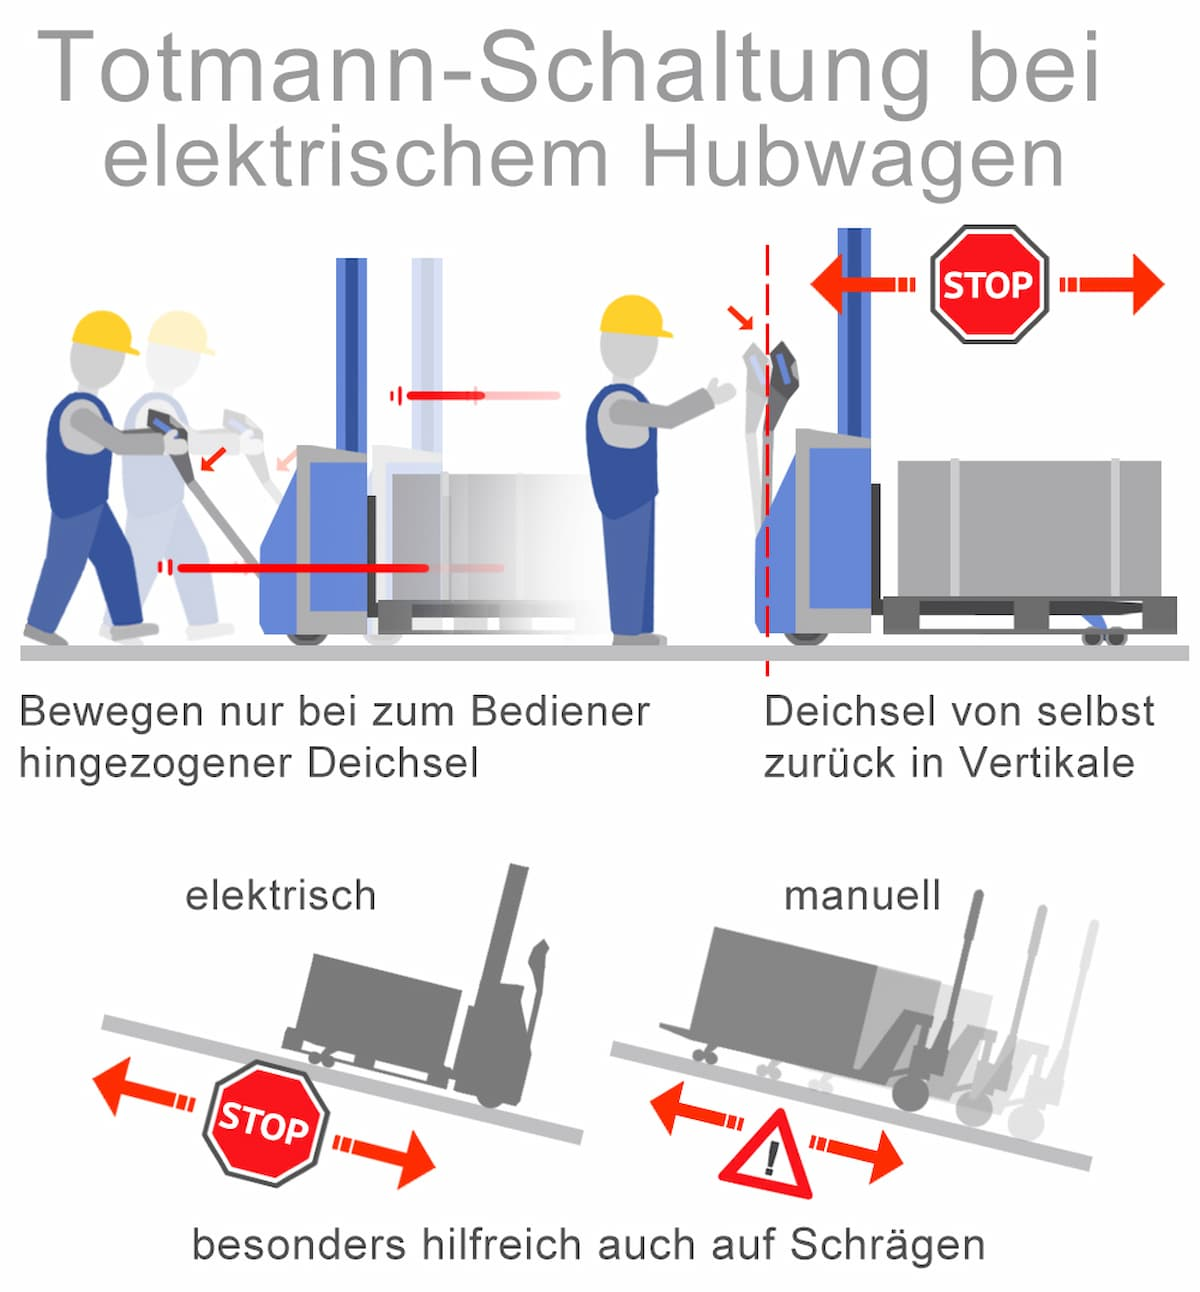 Totmann-Schaltung bei elektrischem Hubwagen